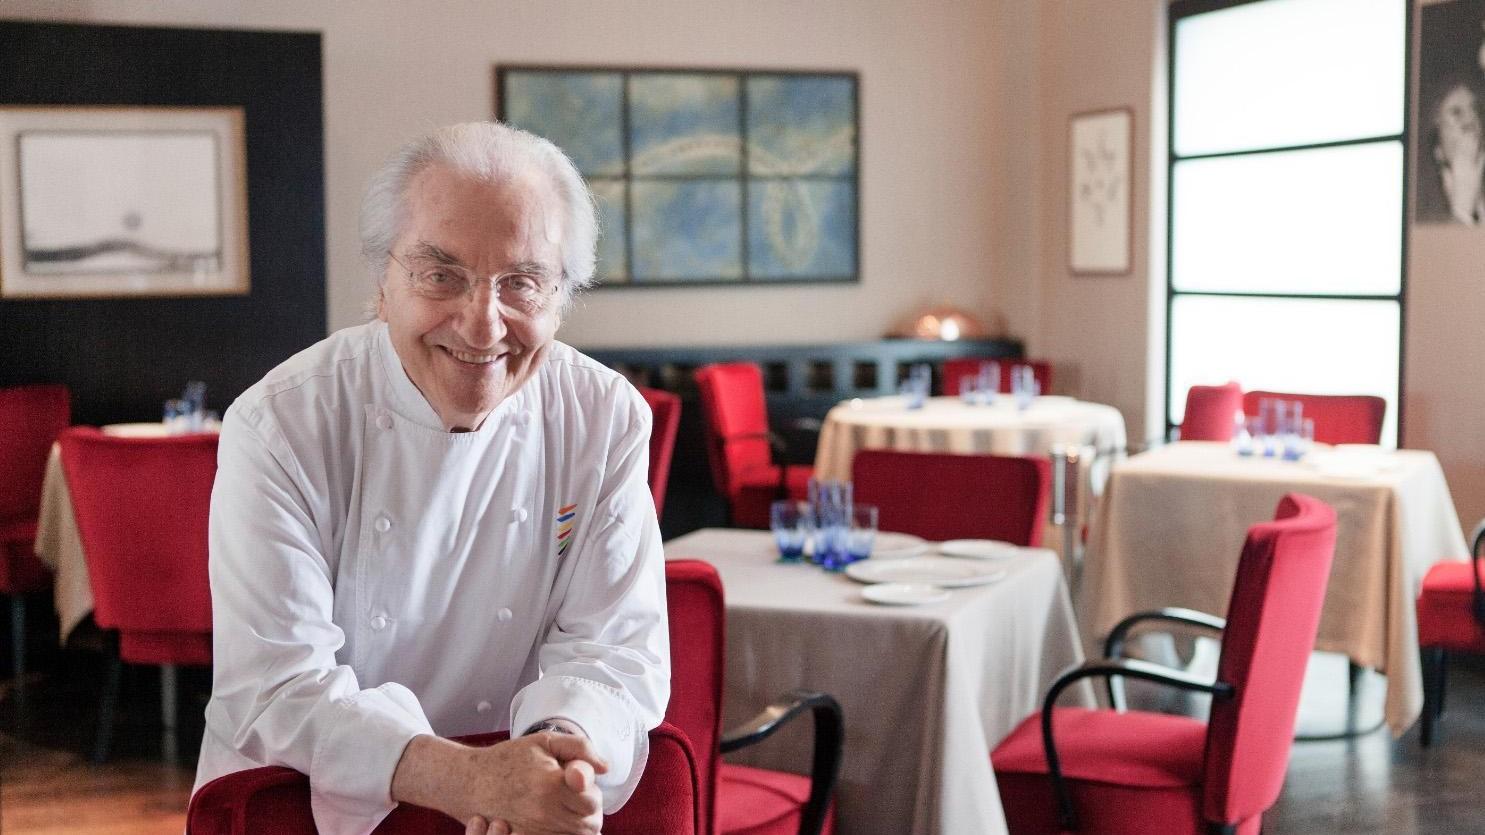 Morto Gualtiero Marchesi, maestro della cucina italiana